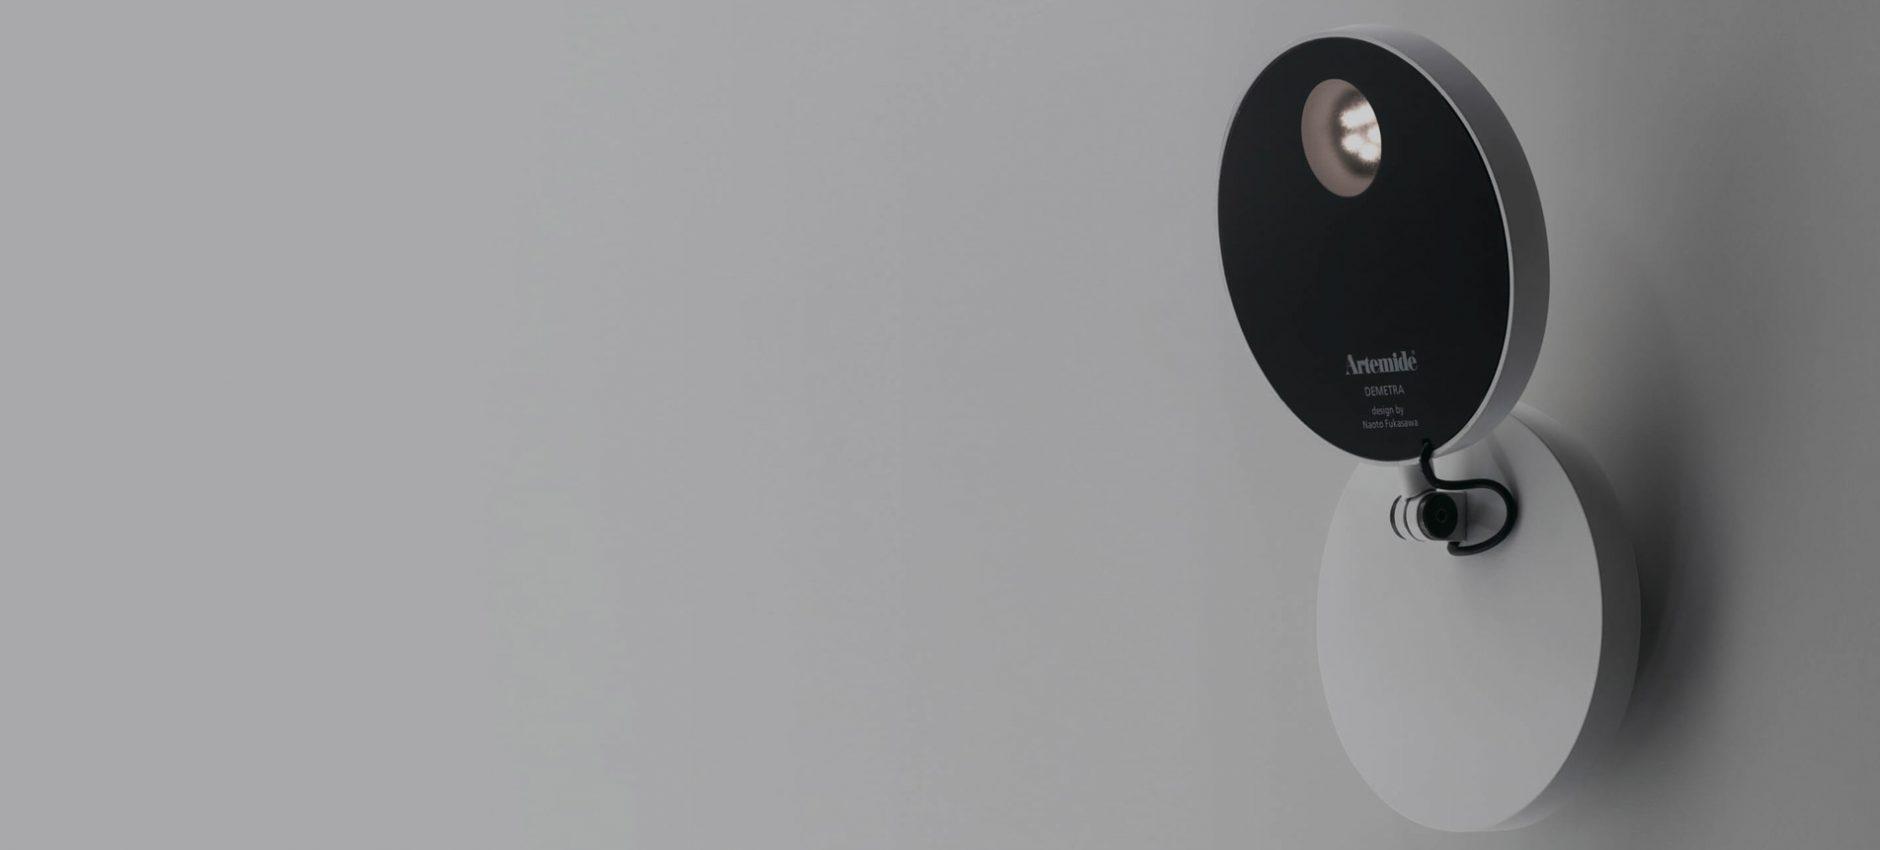 cdl-luce-vendita-faretti.jpg